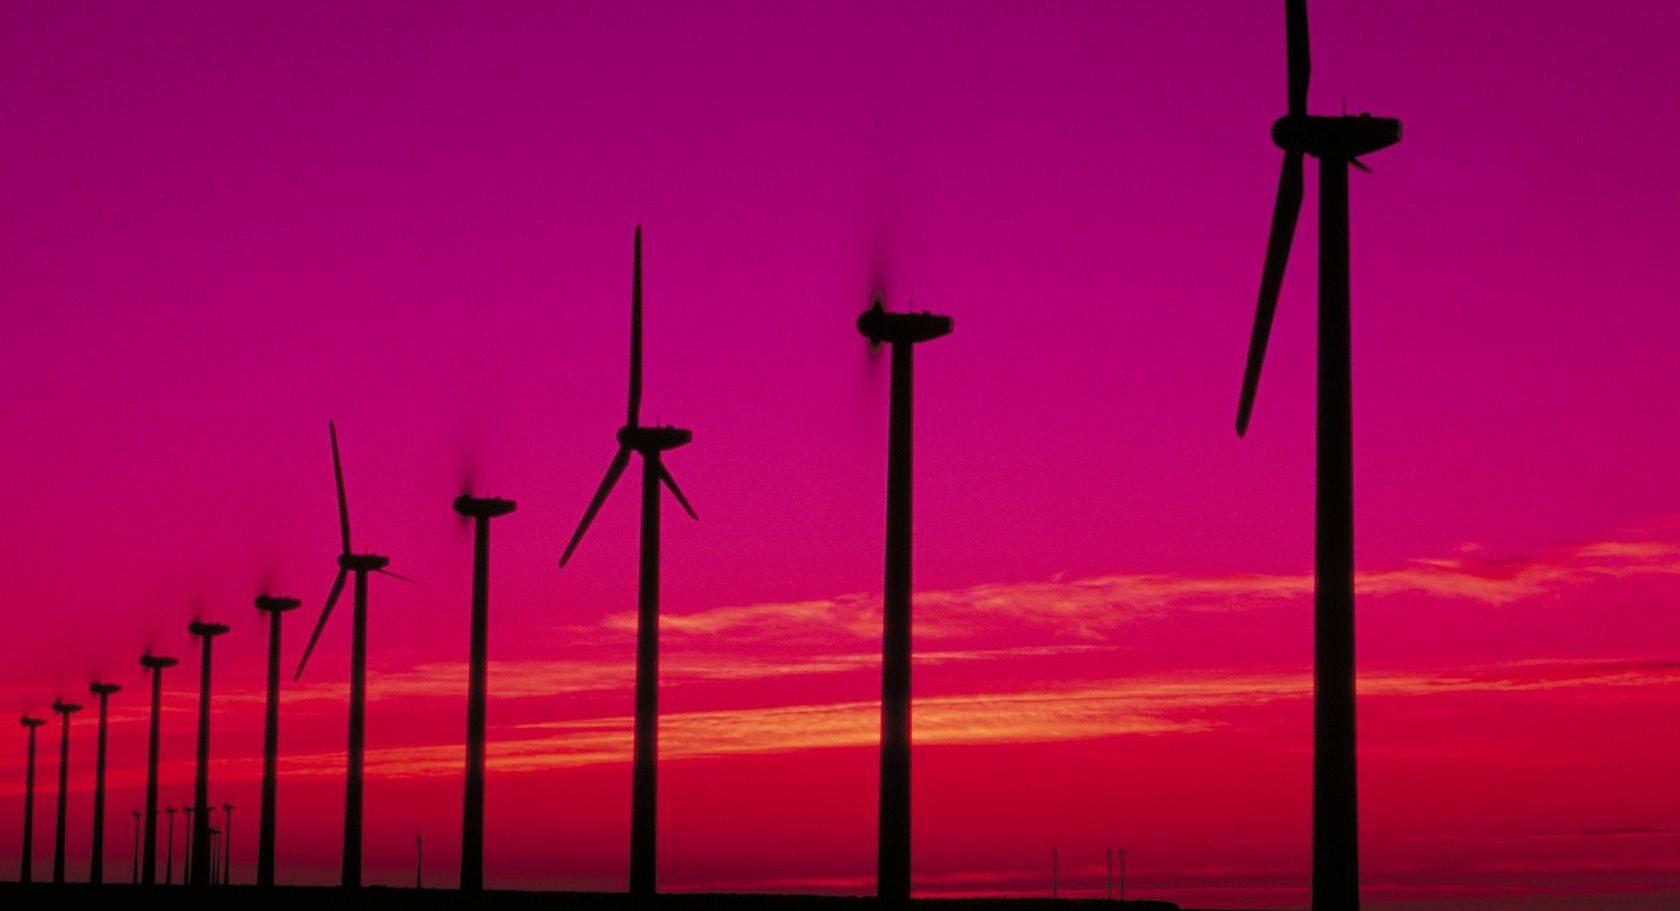 cena-prądu-cena-1-kWh-energia-dla-firm-opinie-licznik-energii-elektrycznej